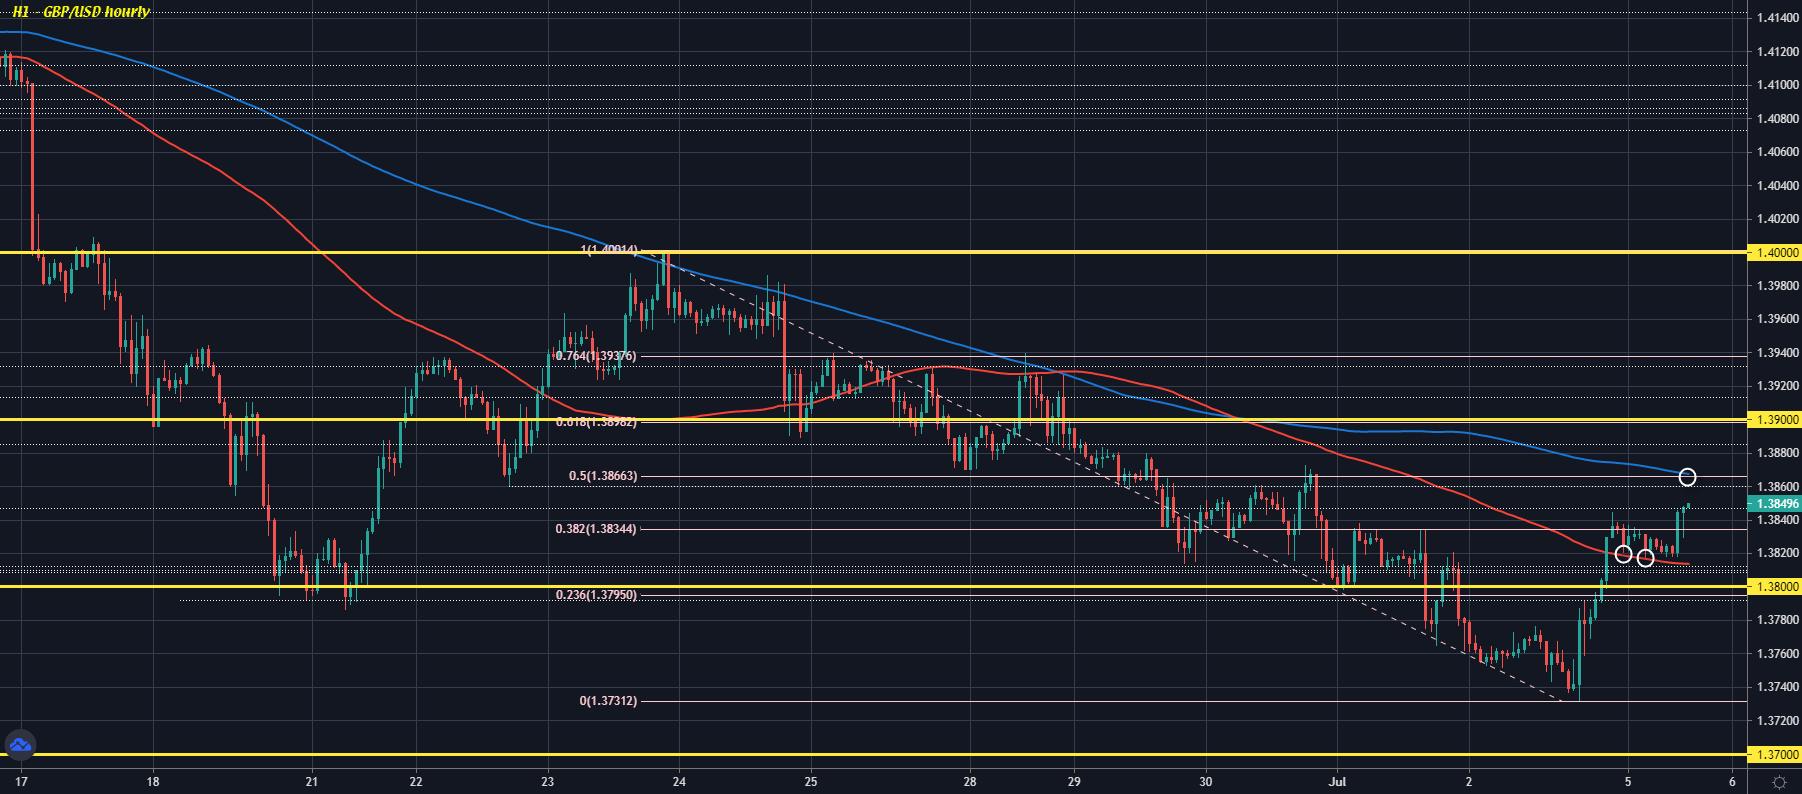 GBP/USD H1 05-07